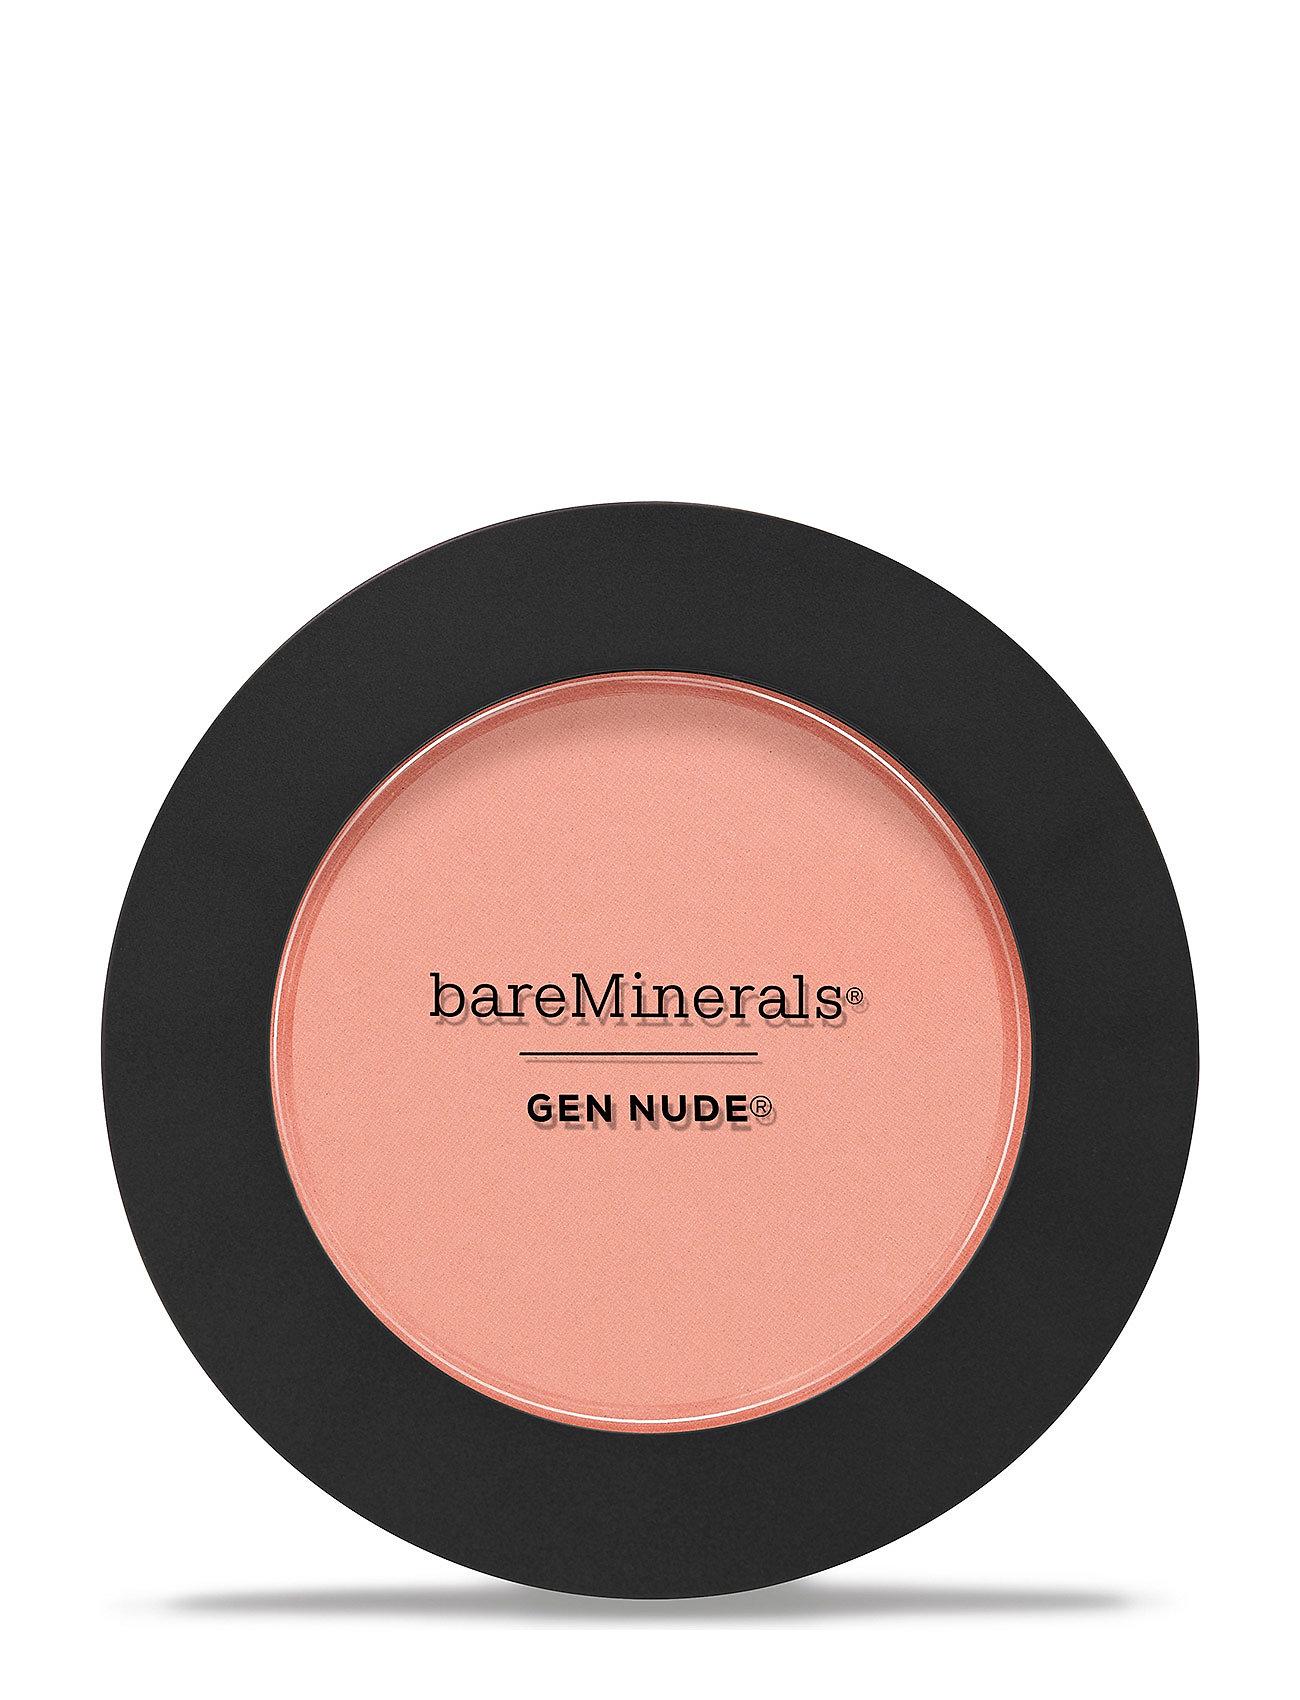 bareMinerals Gen Nude Powder Blush - PRETTY IN PINK